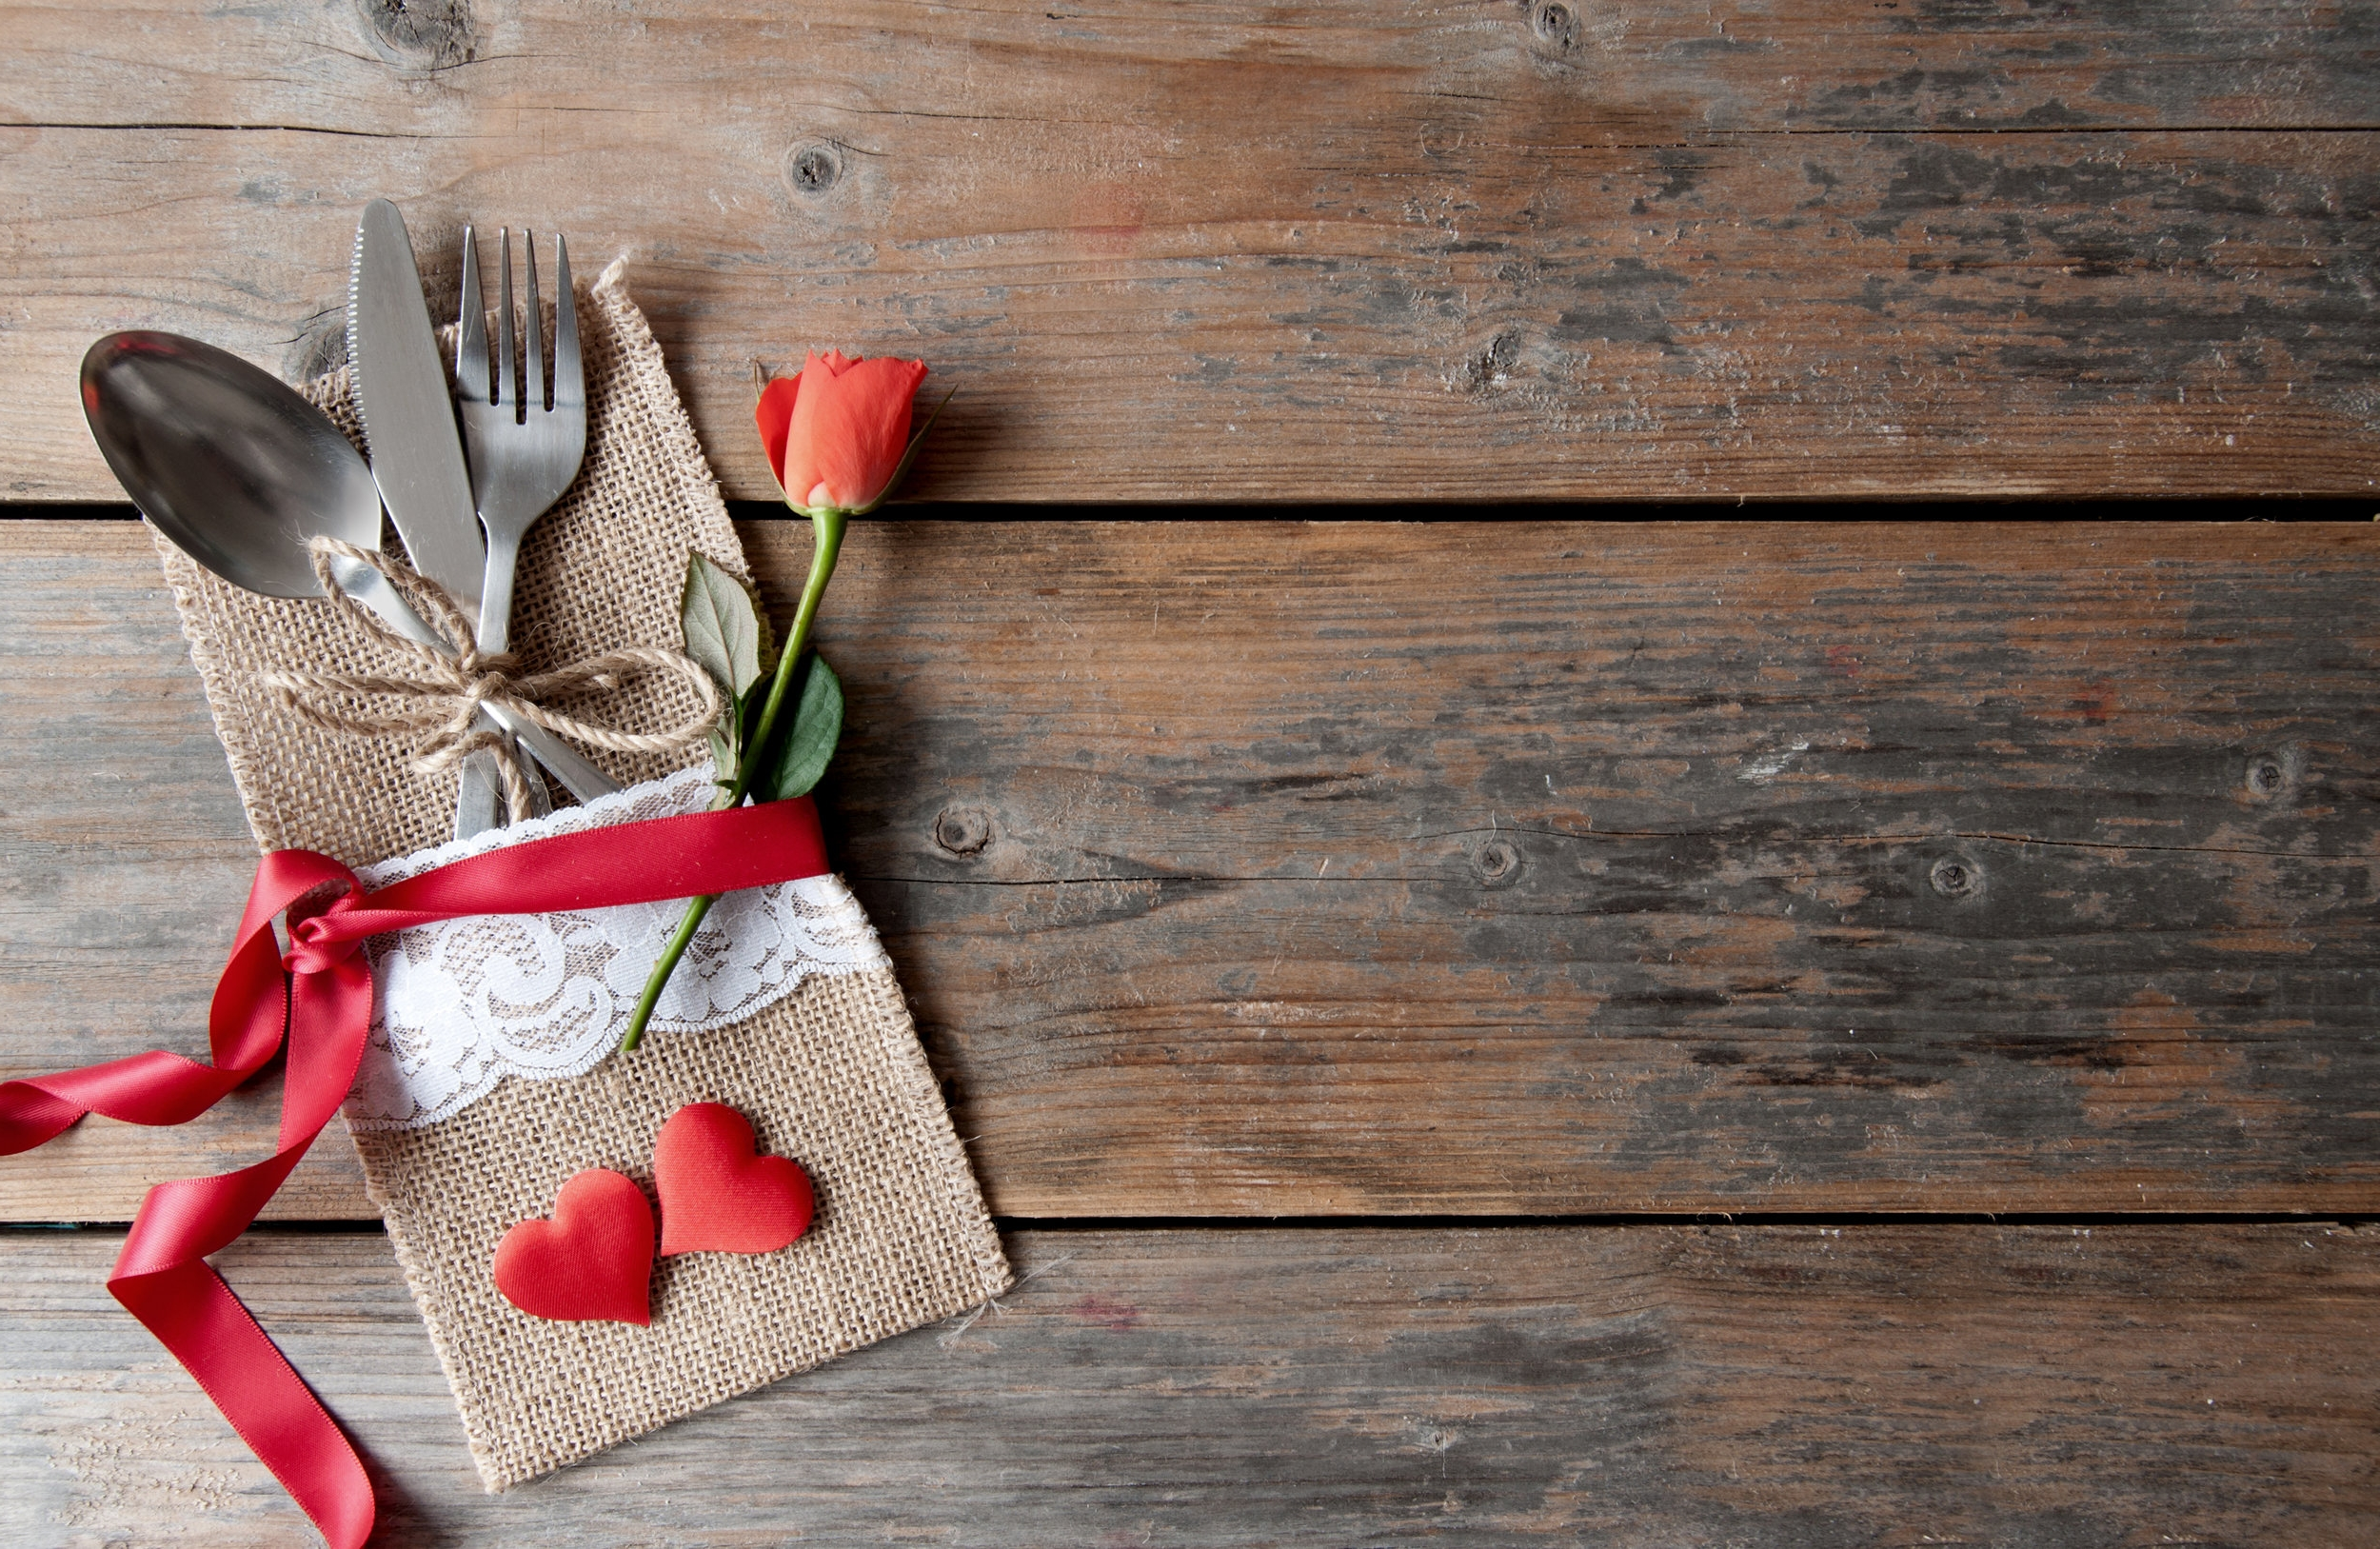 Afhaalmenu's  - Januari 2018Catering Van Eyck breidt zijn diensten uit. Vanaf nu kan je met speciale gelegenheden gebruik maken van onze afhaalservice. Onze chefs bereiden met veel passie een thema menu, aan u om hem thuis af te werken en uw gasten te verrassen! We starten met Valentijn!